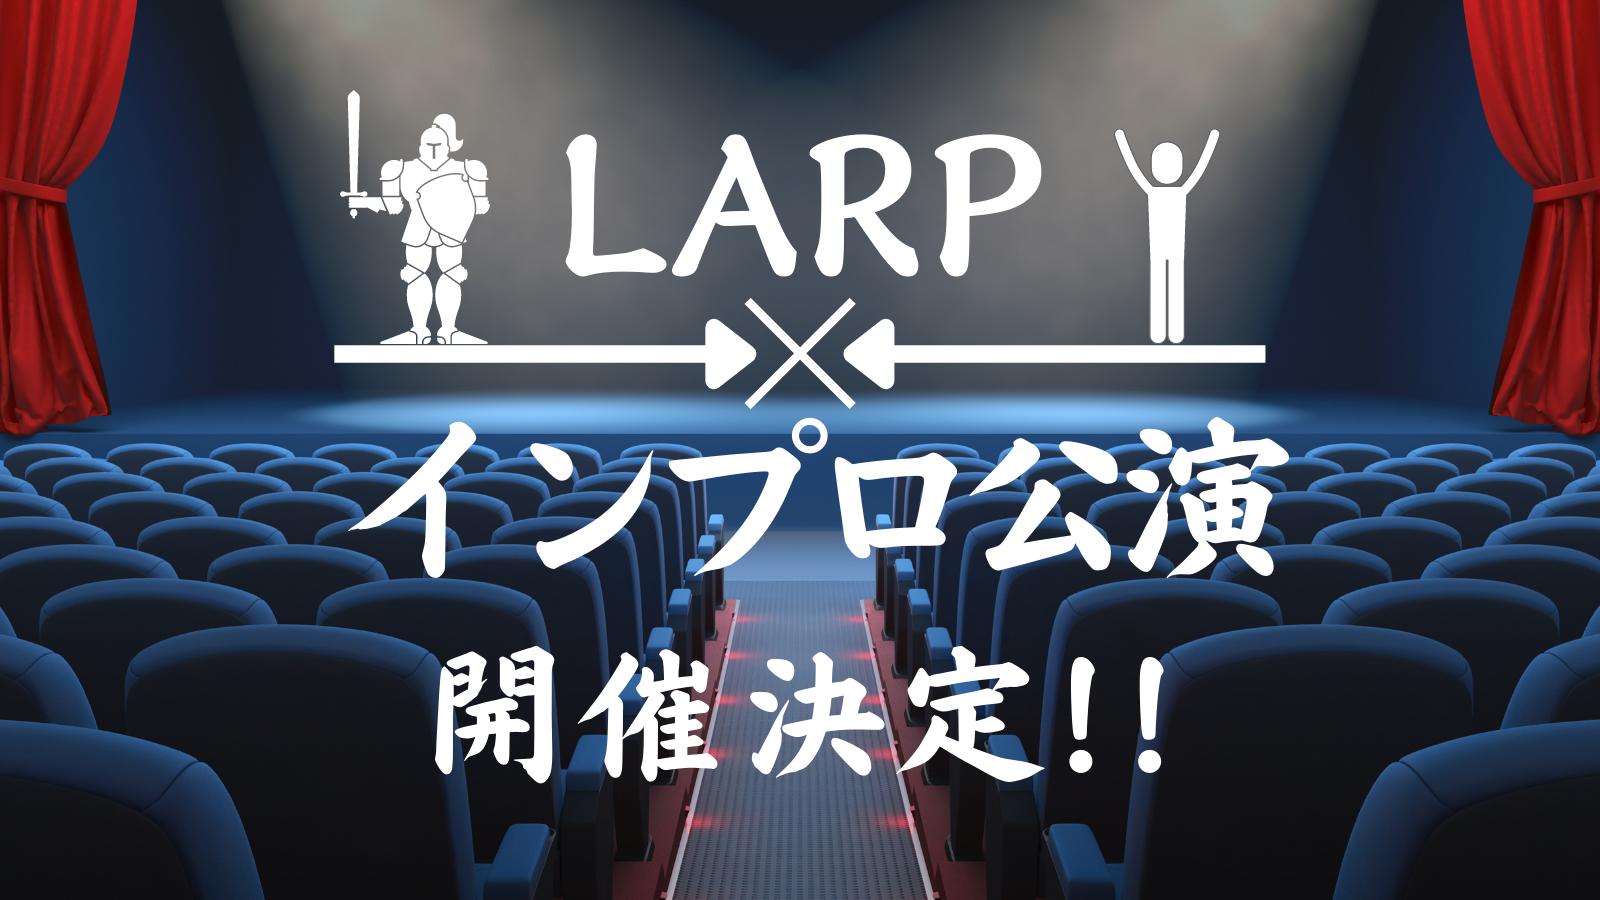 オーディション LARP×インプロ 即興で物語を作るNPC・GM募集 LARP(Live Action Role-Playing Game)の舞台化! 主催:合同会社舞台裏、カテゴリ:舞台